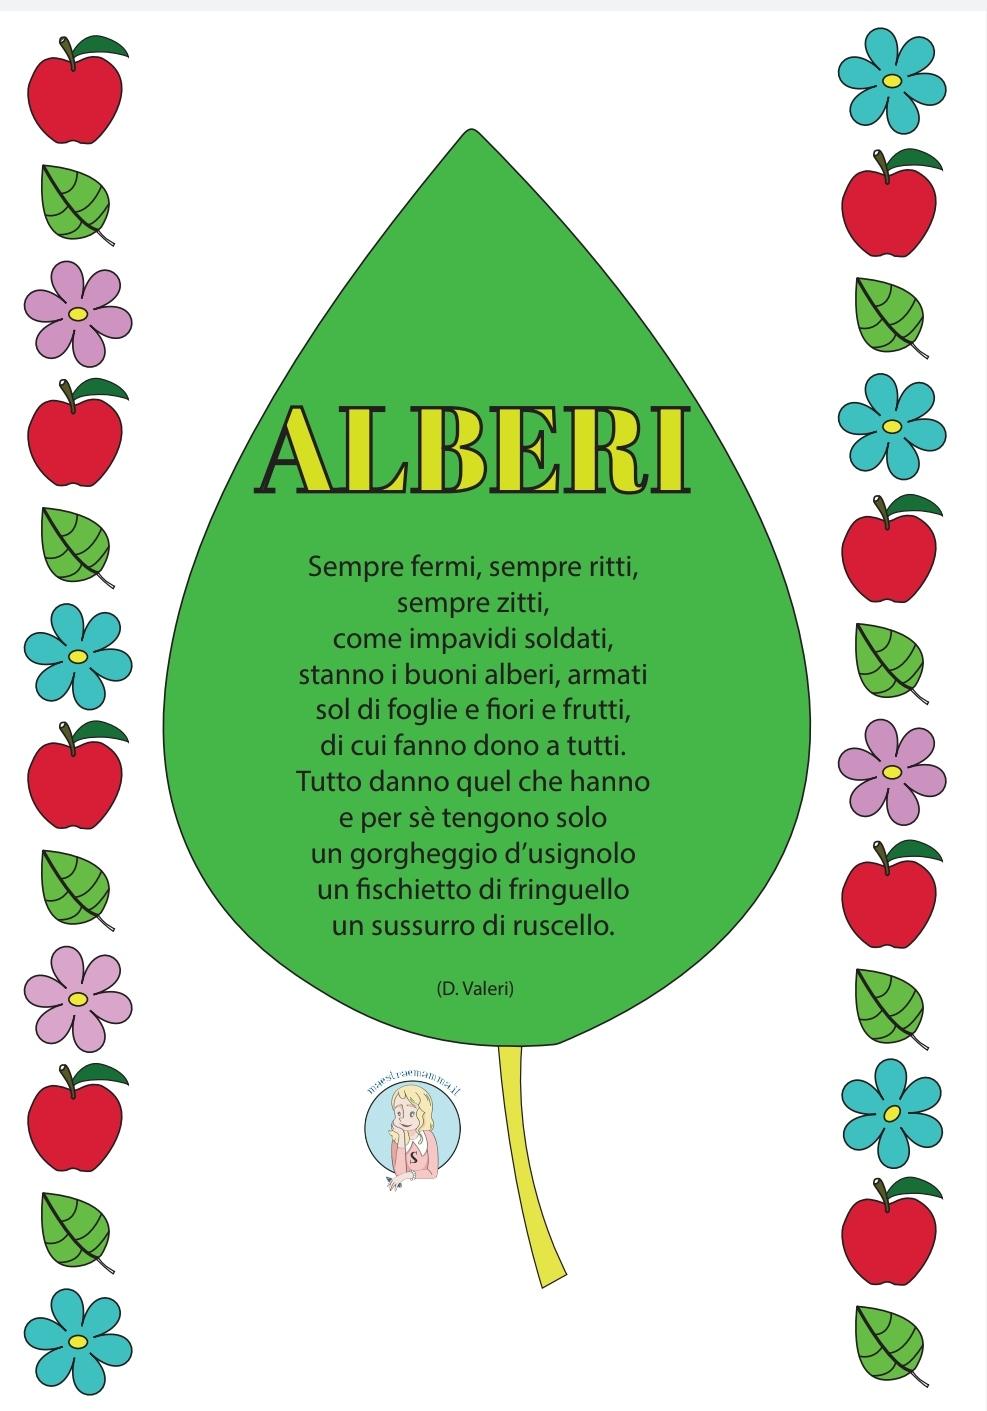 festa dell-albero giornata poesia alberi di D Valeri